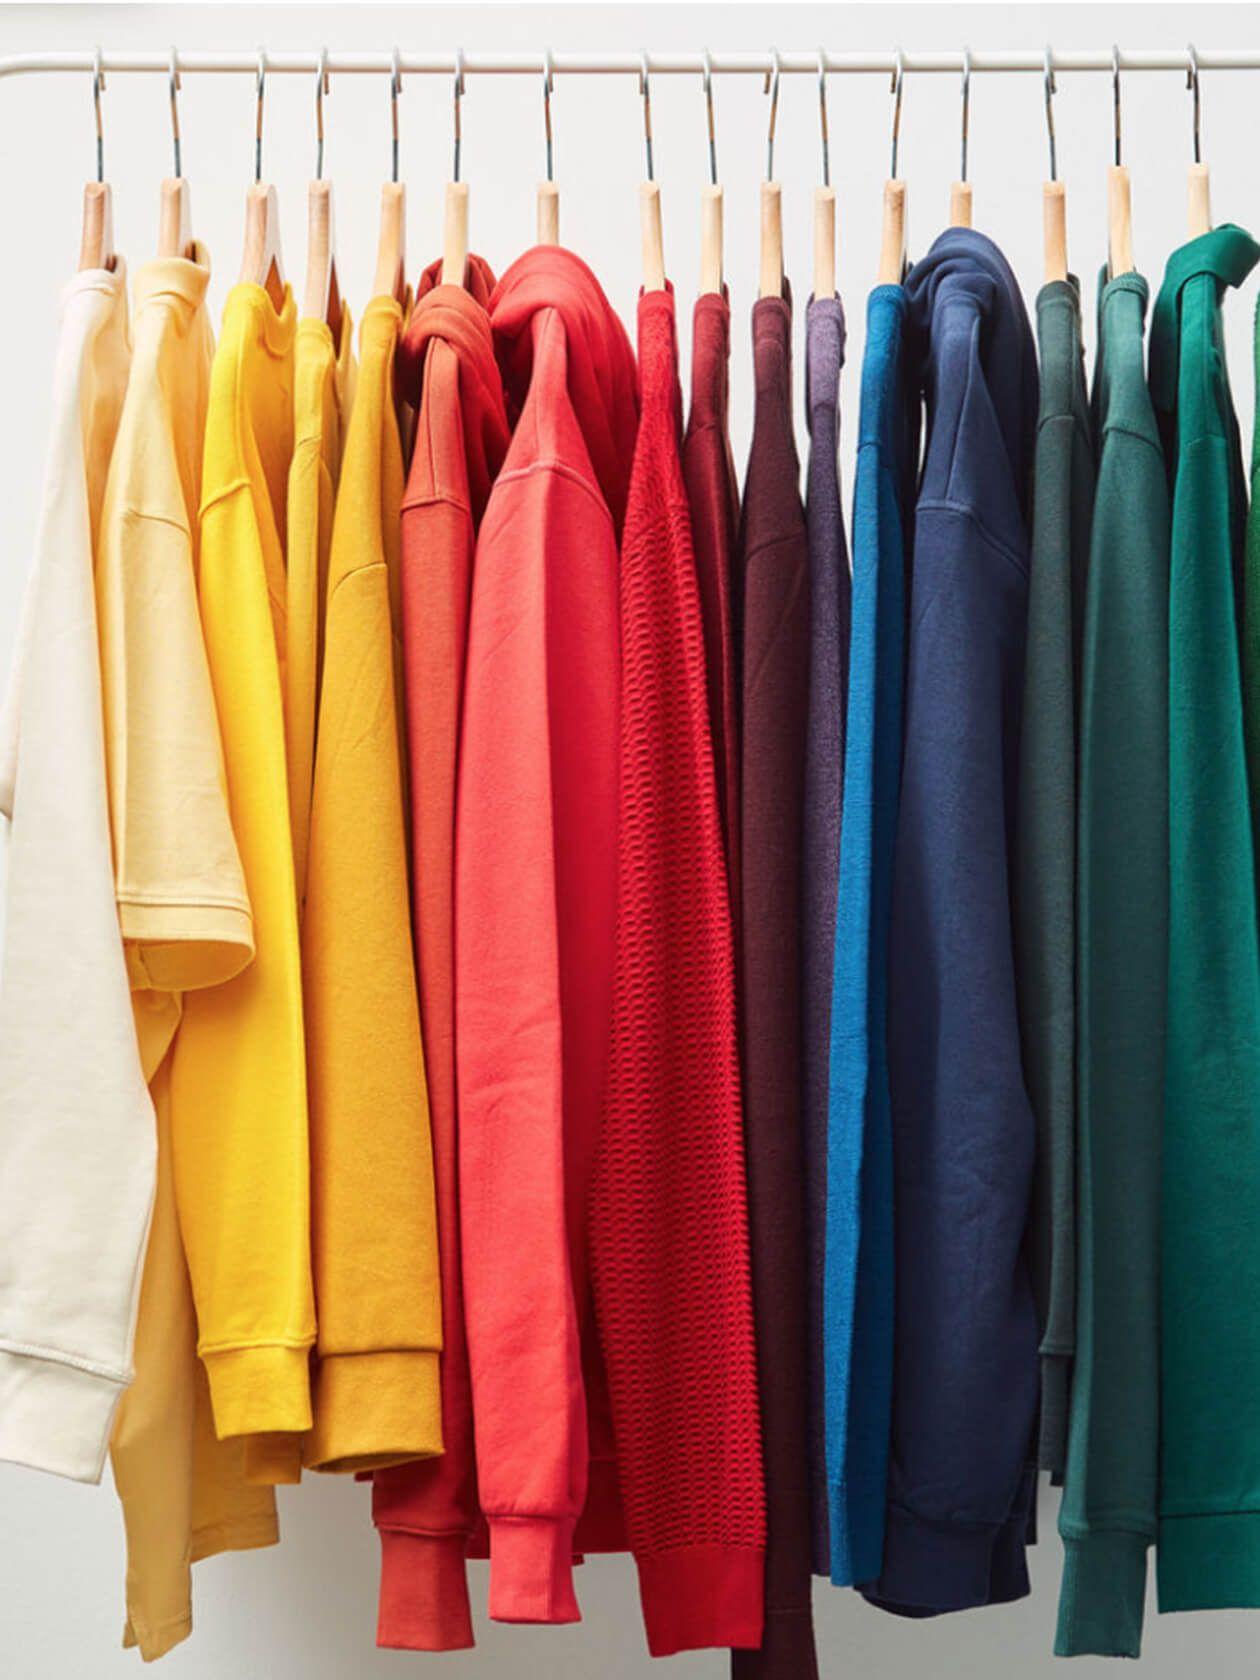 Des vêtements colorés sur un une tringle à vêtements